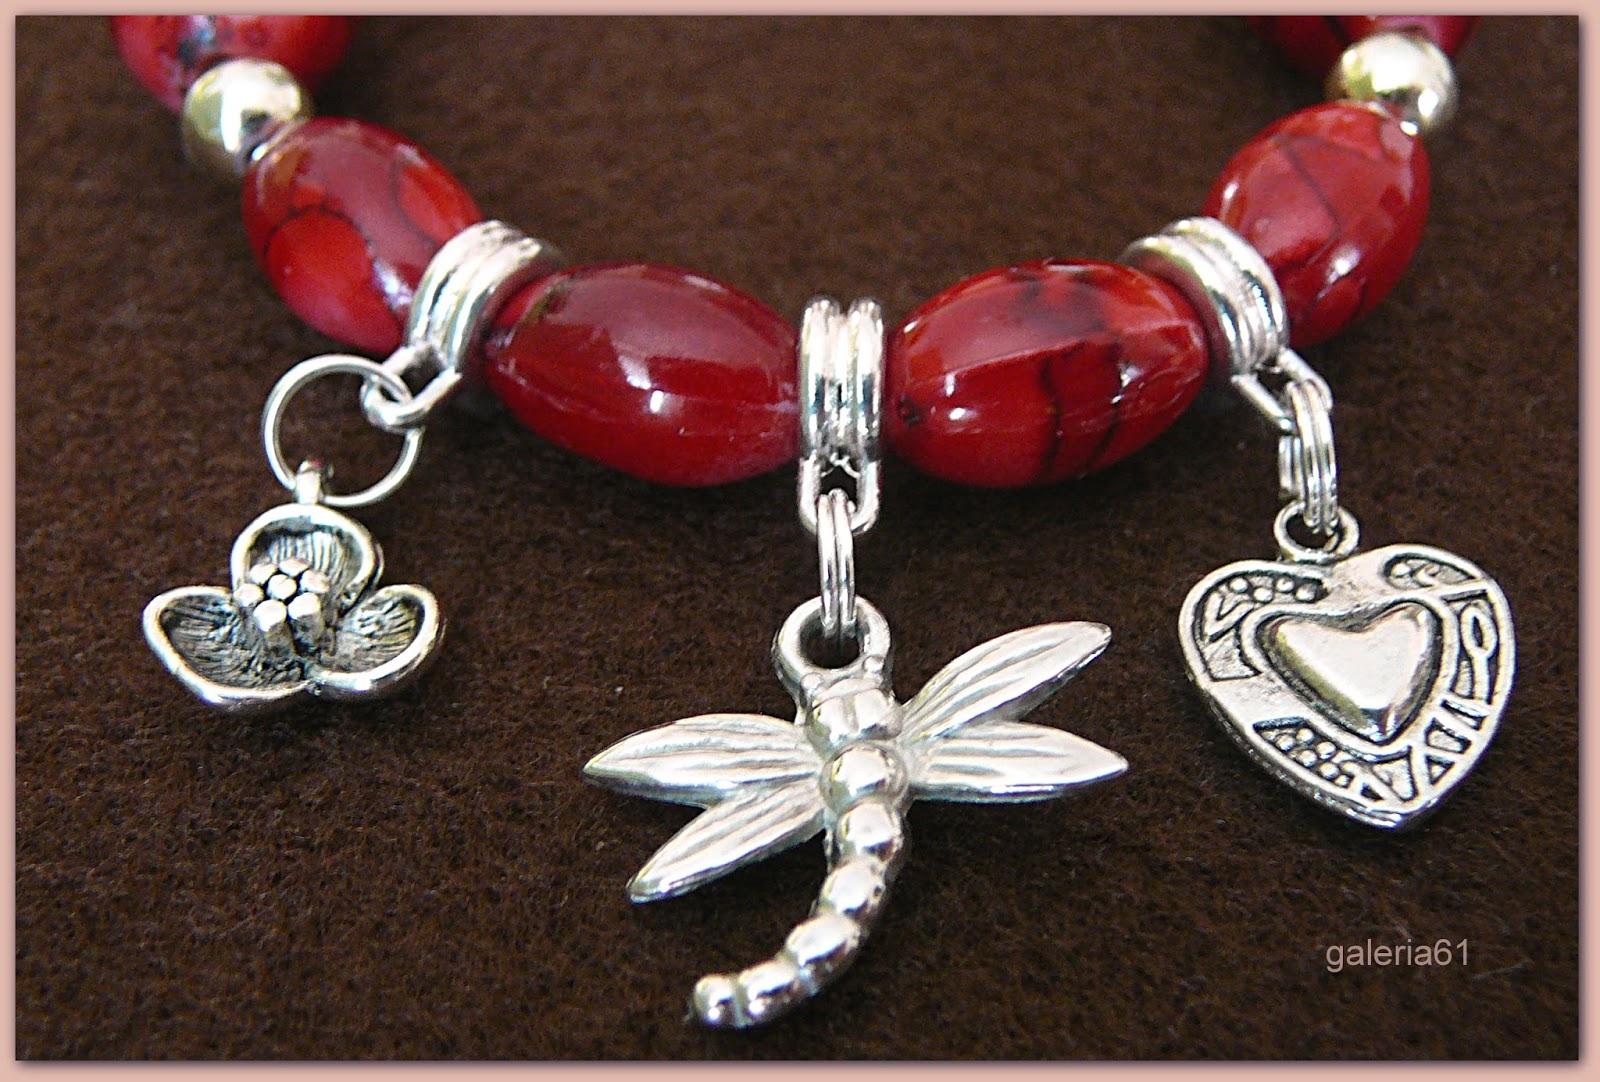 bransoletka czerwona i kolczyki czerwone, ważka